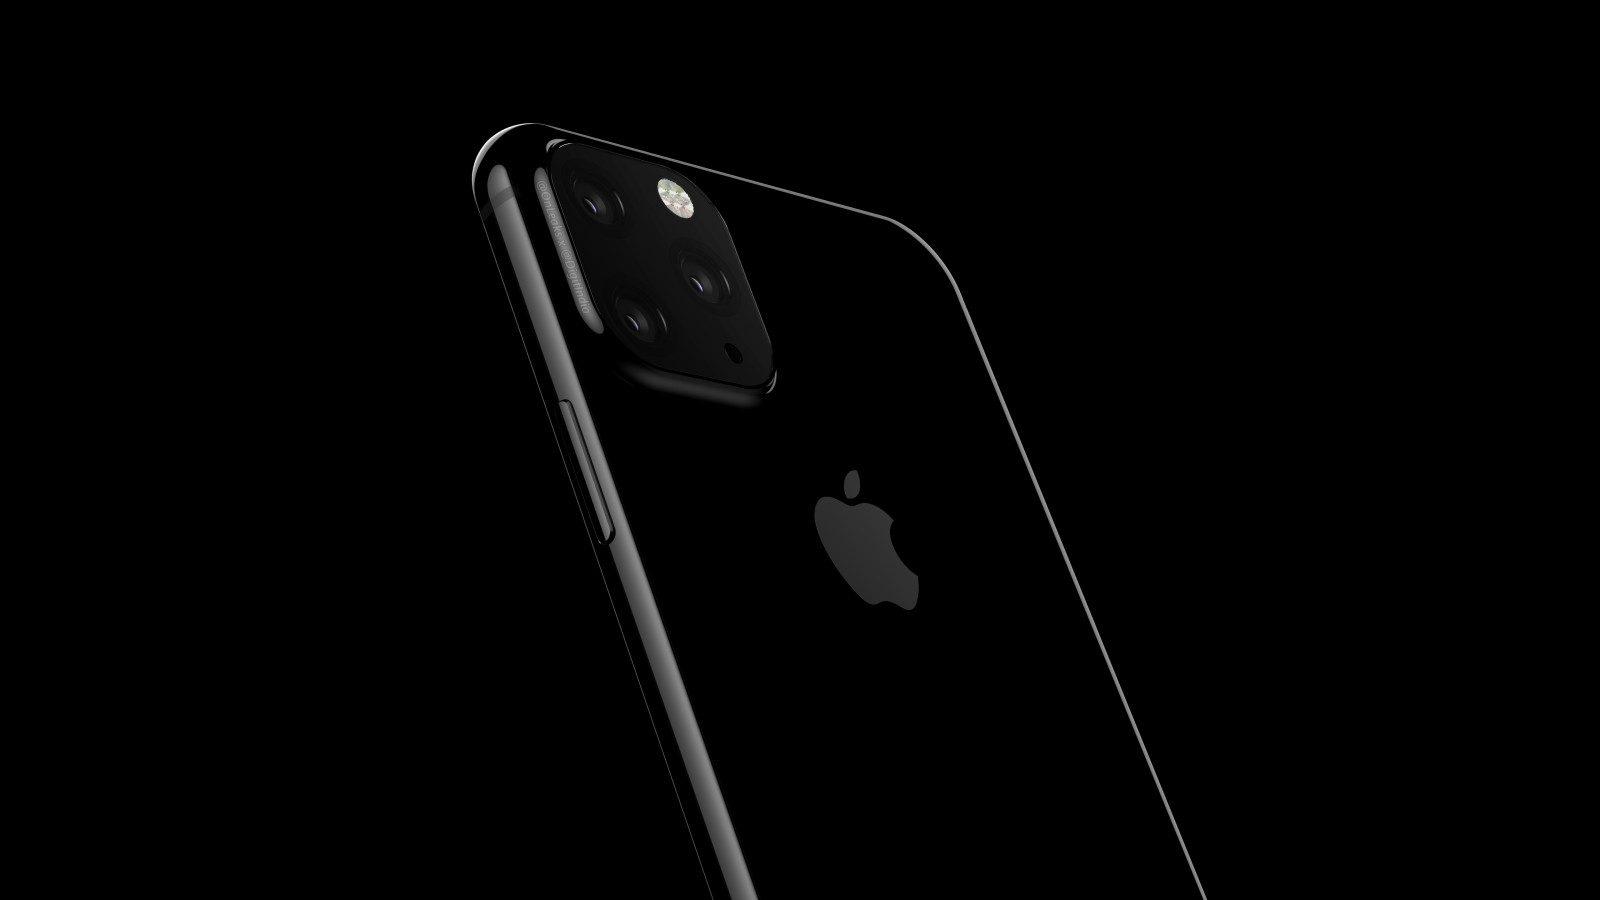 iPhone 11 údajně nabídne tři fotoaparáty a menší výřez v displeji [aktualizováno]